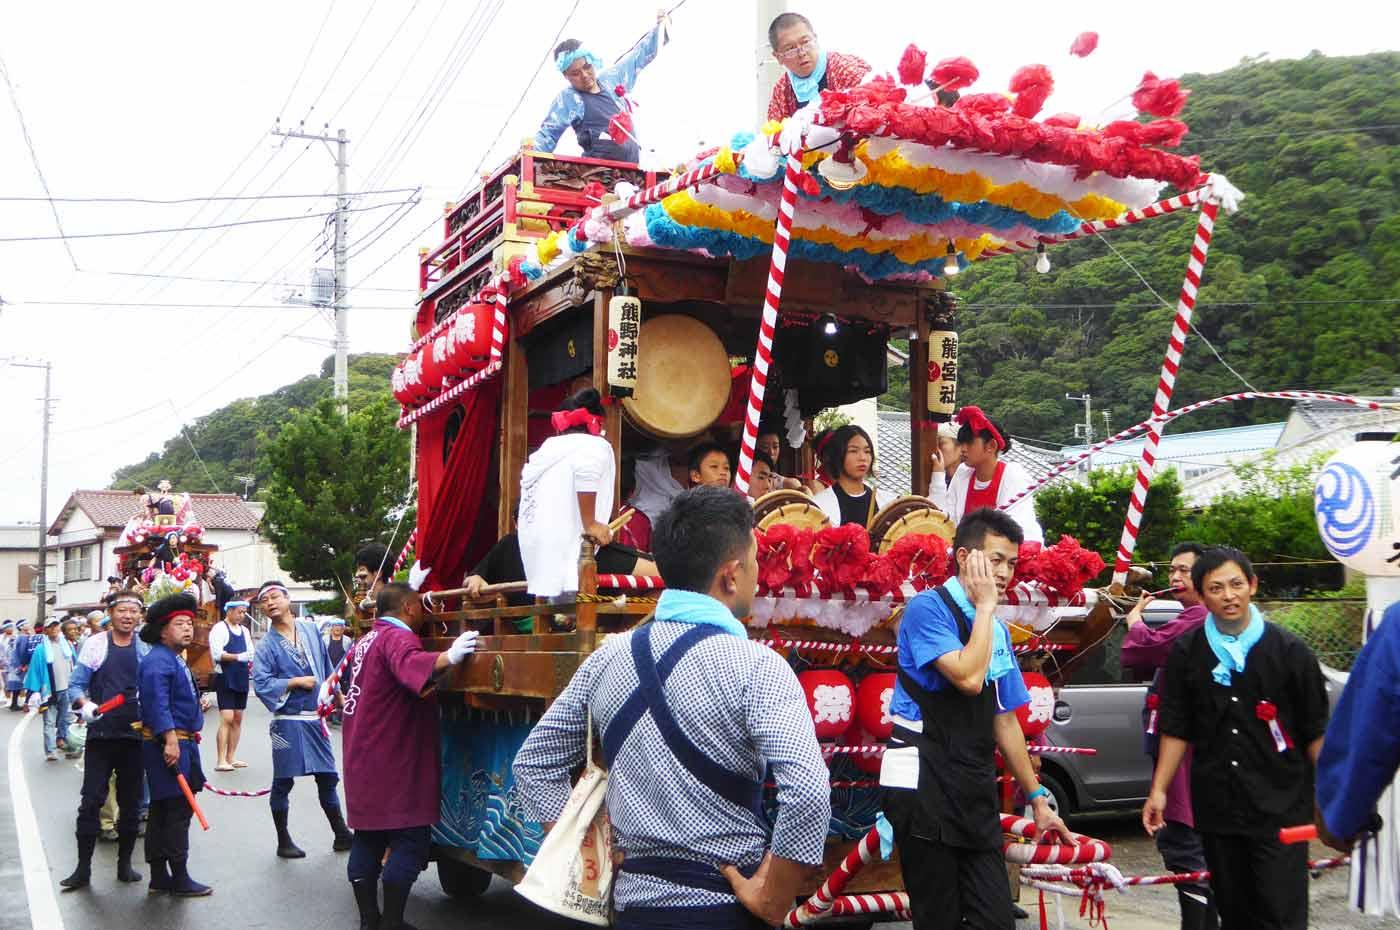 和田区の山車と小浦区御舟の画像